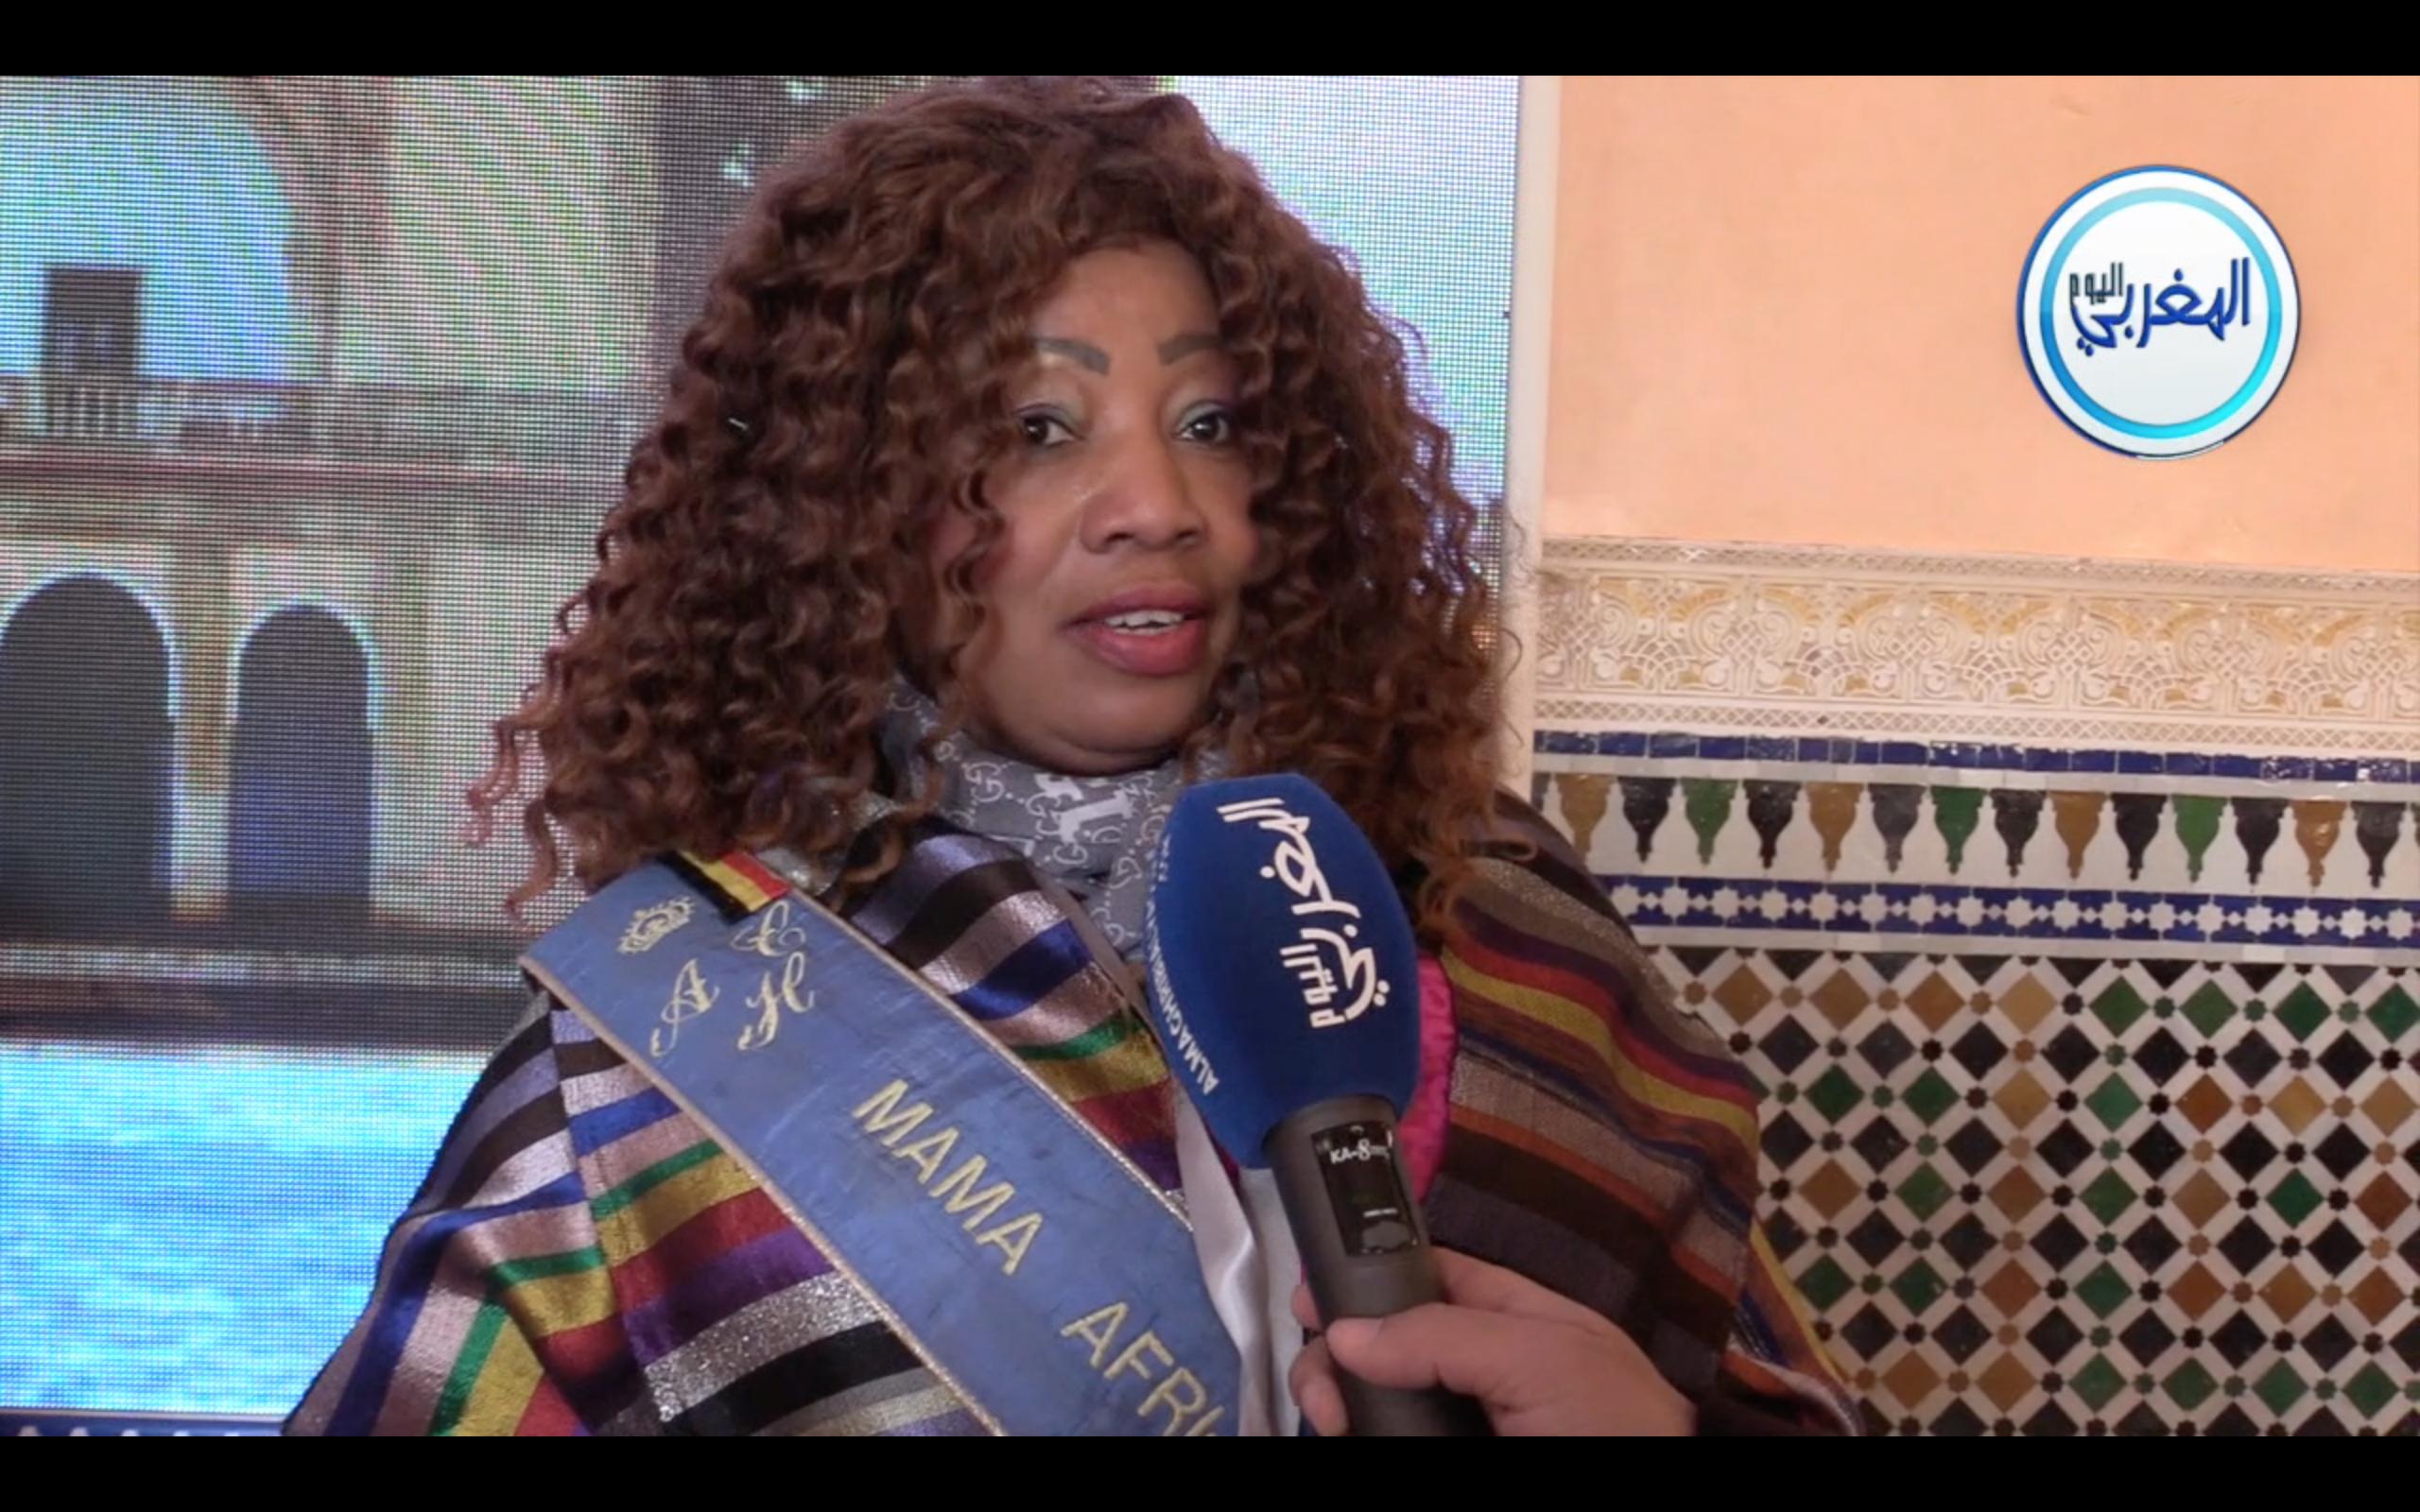 بالفيديو… تصريحات المشاركات والمشاركين في المنتدى العالمي حول الهجرة والتنمية بمراكش